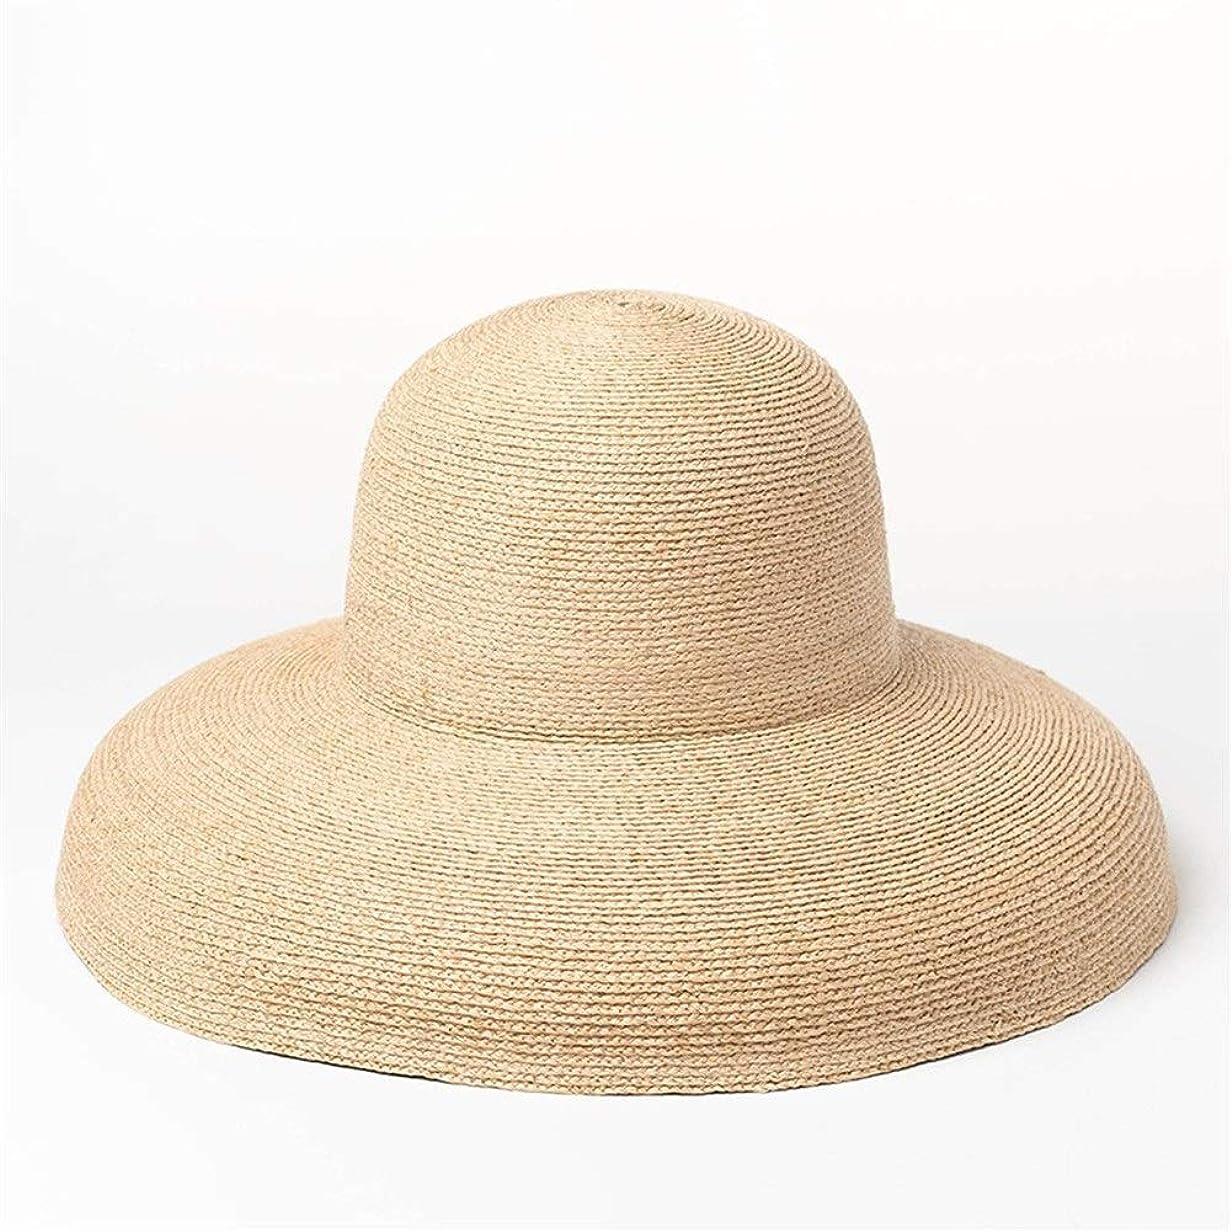 軍艦バックグラウンドじゃないヴィンテージドーム大型スリムラフィット帽子トップステージショー屋外日焼け止めラフィット帽子